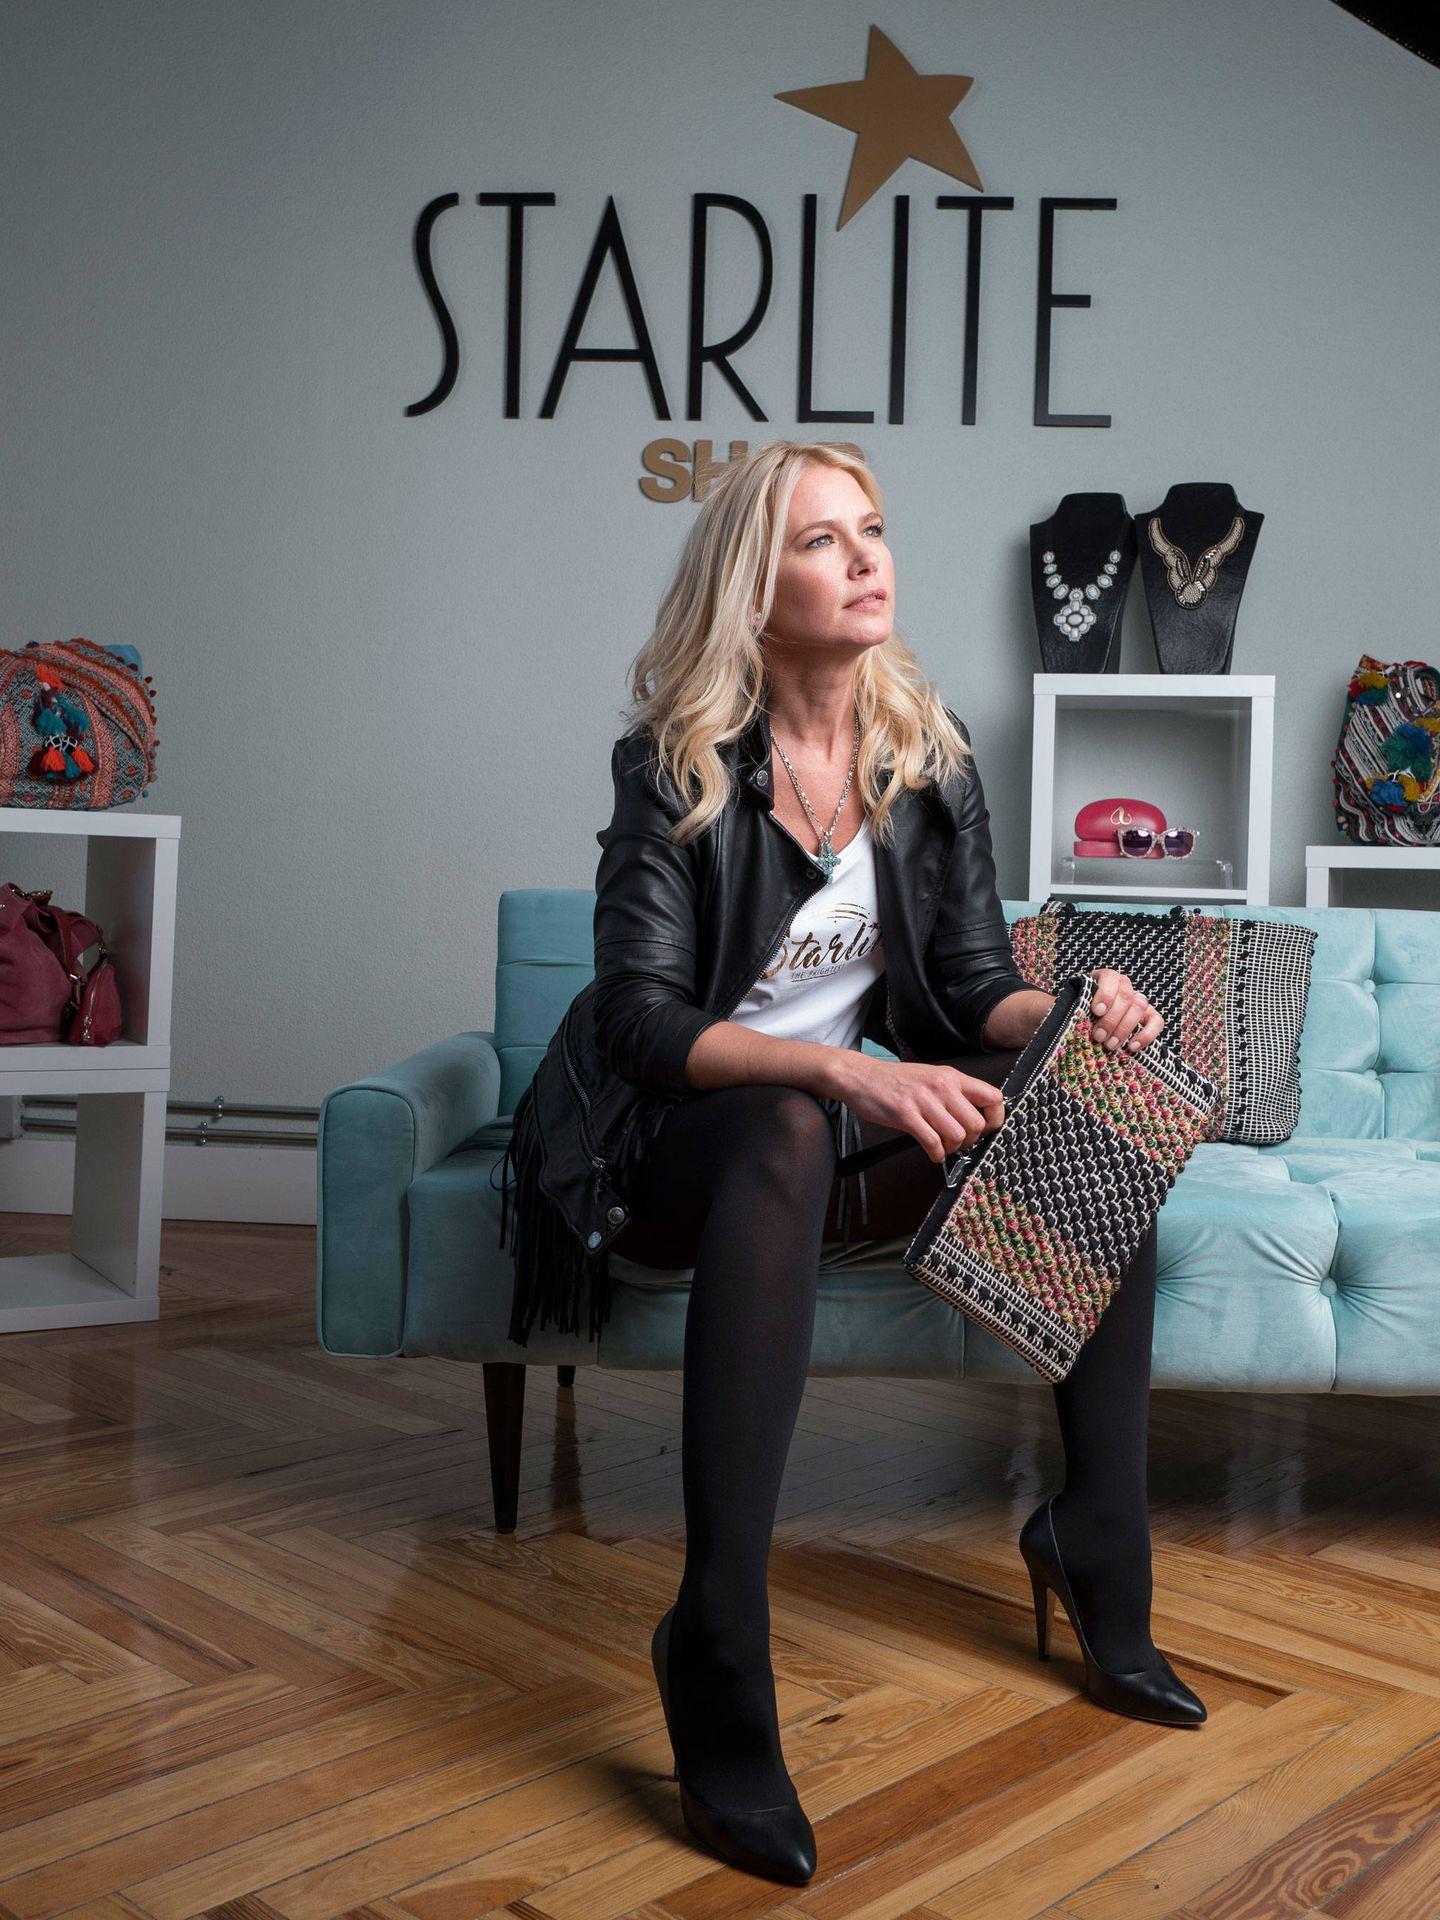 Valeria Mazza en el showroom de Starlite Shop. (Foto: Daniel Sánchez Alonso)